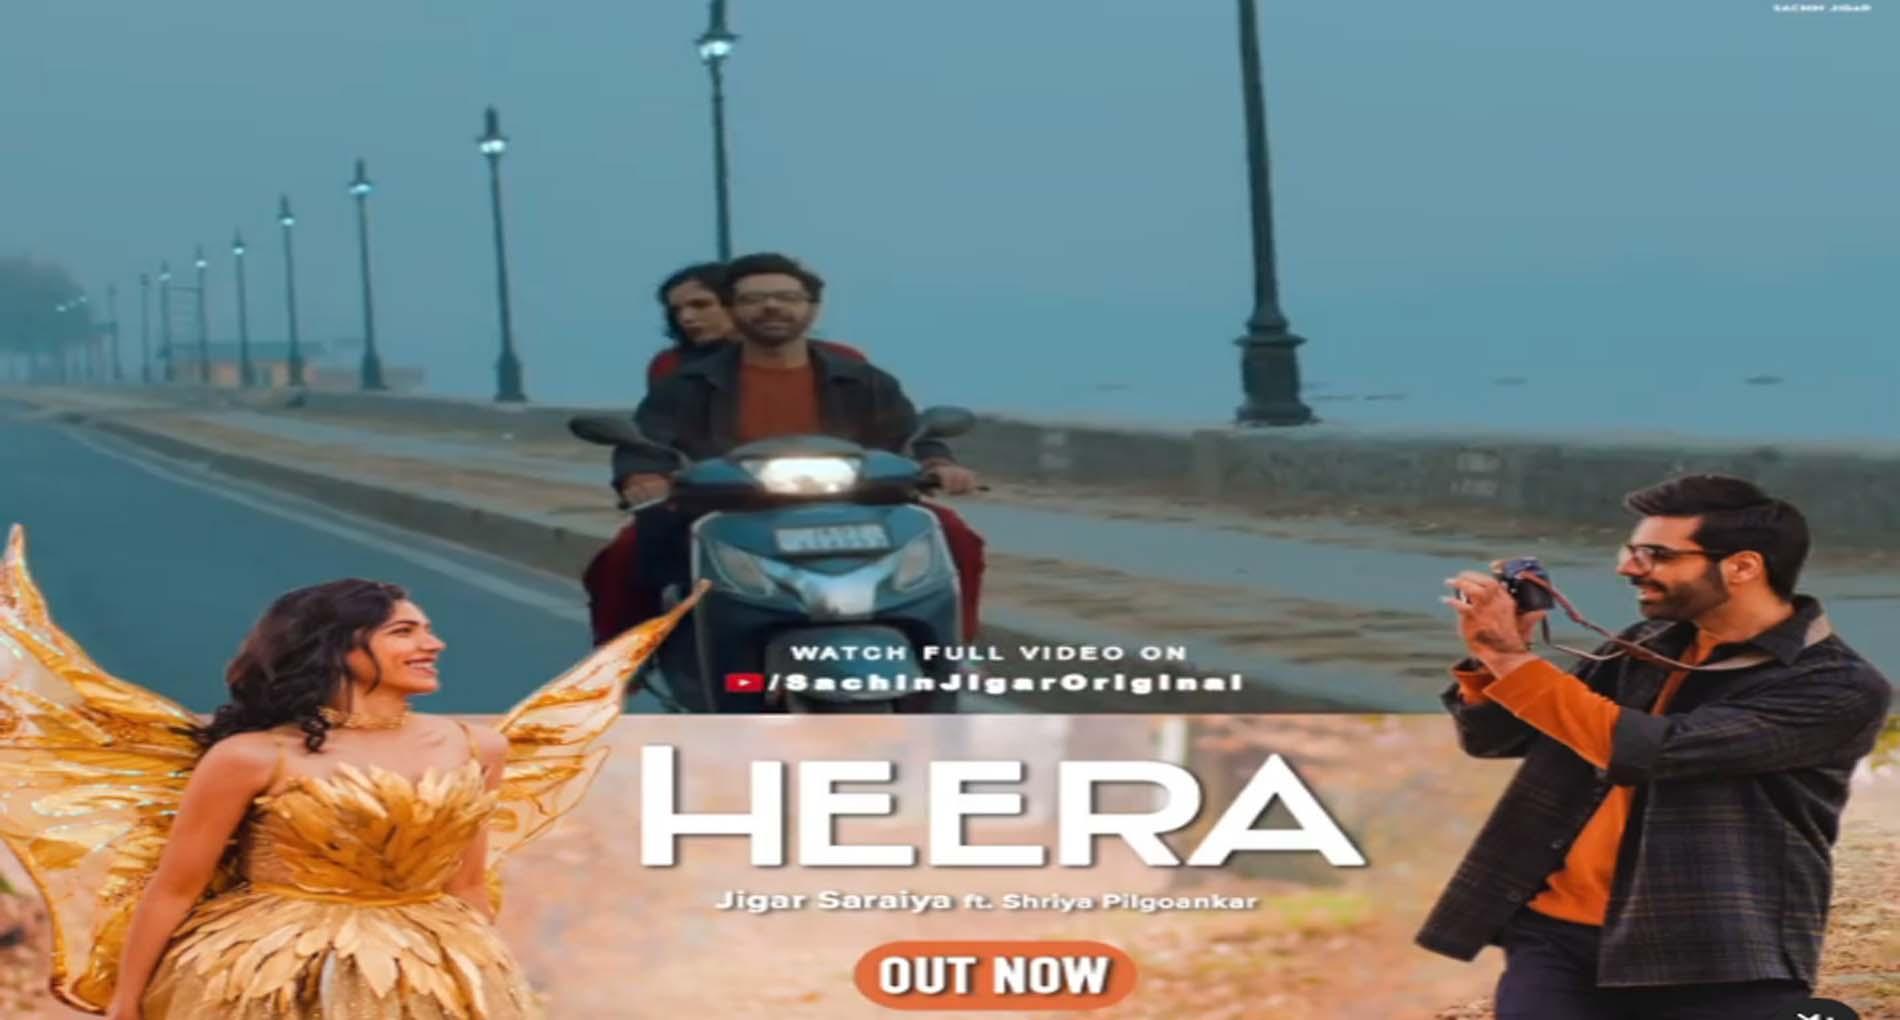 मेलोडी किंग्स सचिन-जिगर का नया गाना 'हीरा' हुआ रिलीज़! देखें वीडियो